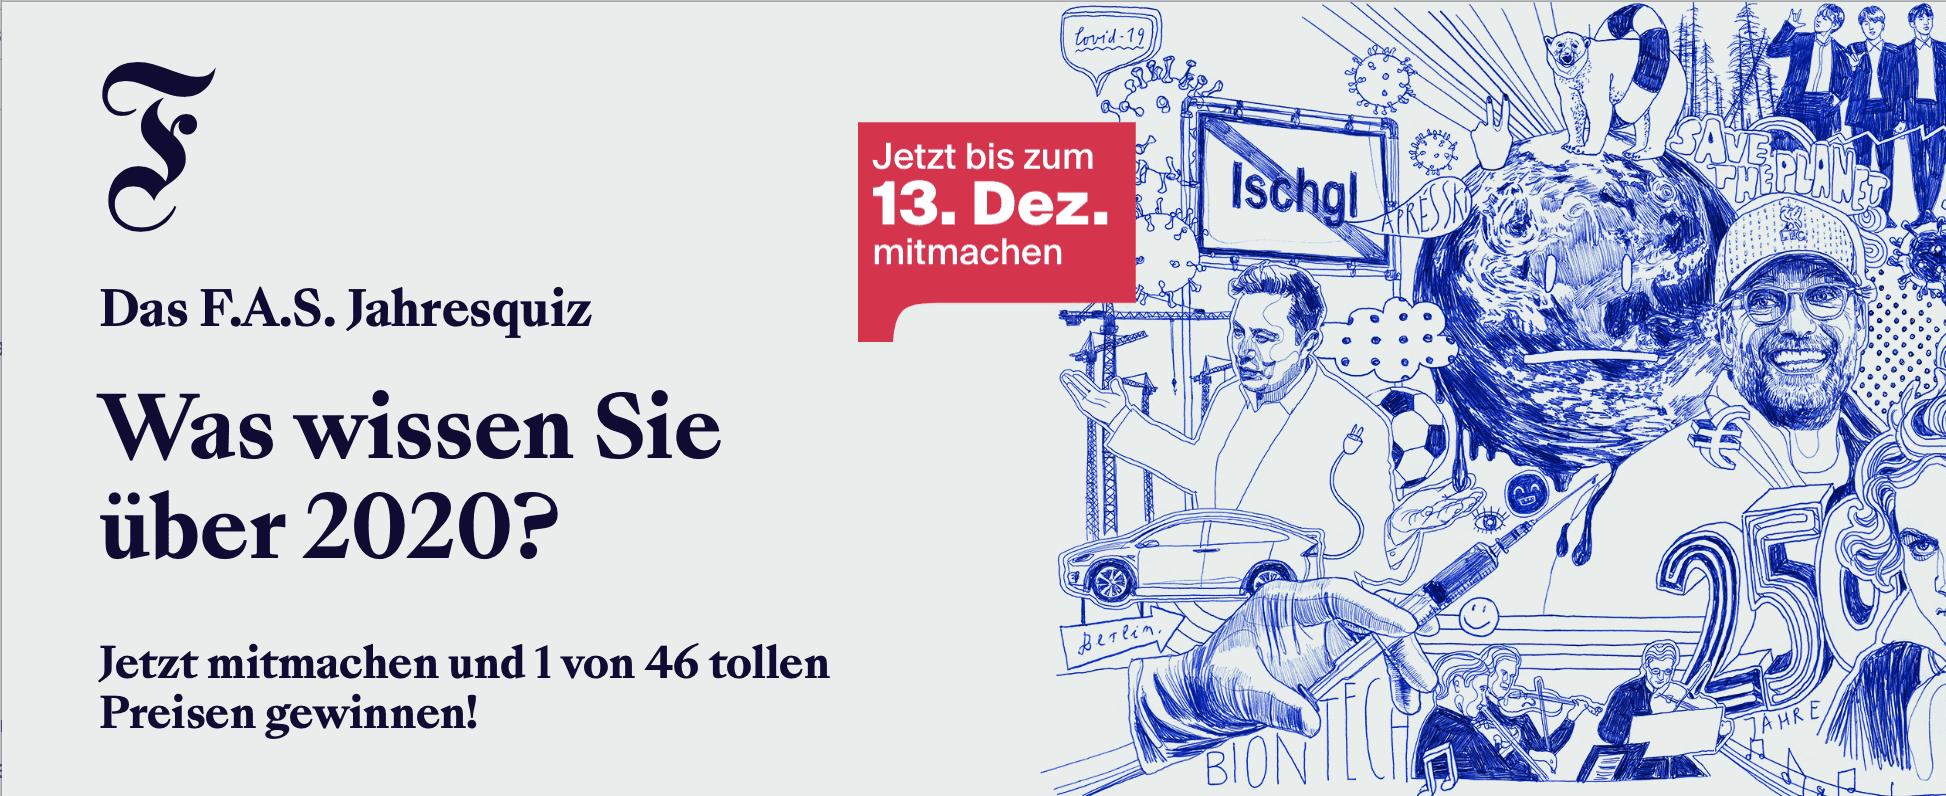 F.A.S. Jahresquiz 2020 Gewinnspiel-Case Verlage